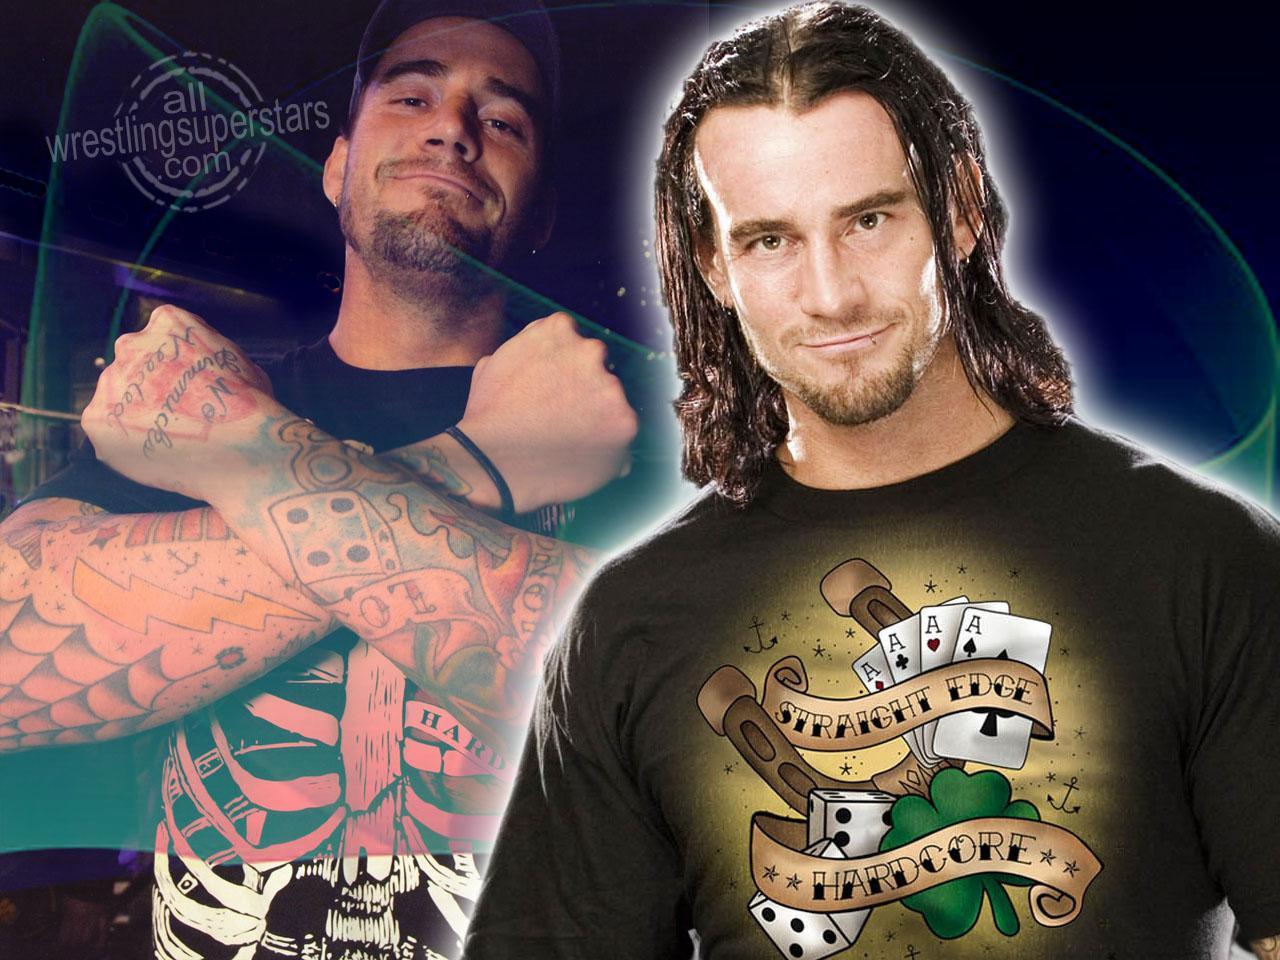 http://1.bp.blogspot.com/-cO1ev3xTOt4/T0E1OC25EoI/AAAAAAAAHVQ/0yOAQ7wEYD0/s1600/WWE-WALLPAPERS-C-M-PUNK-2.JPG